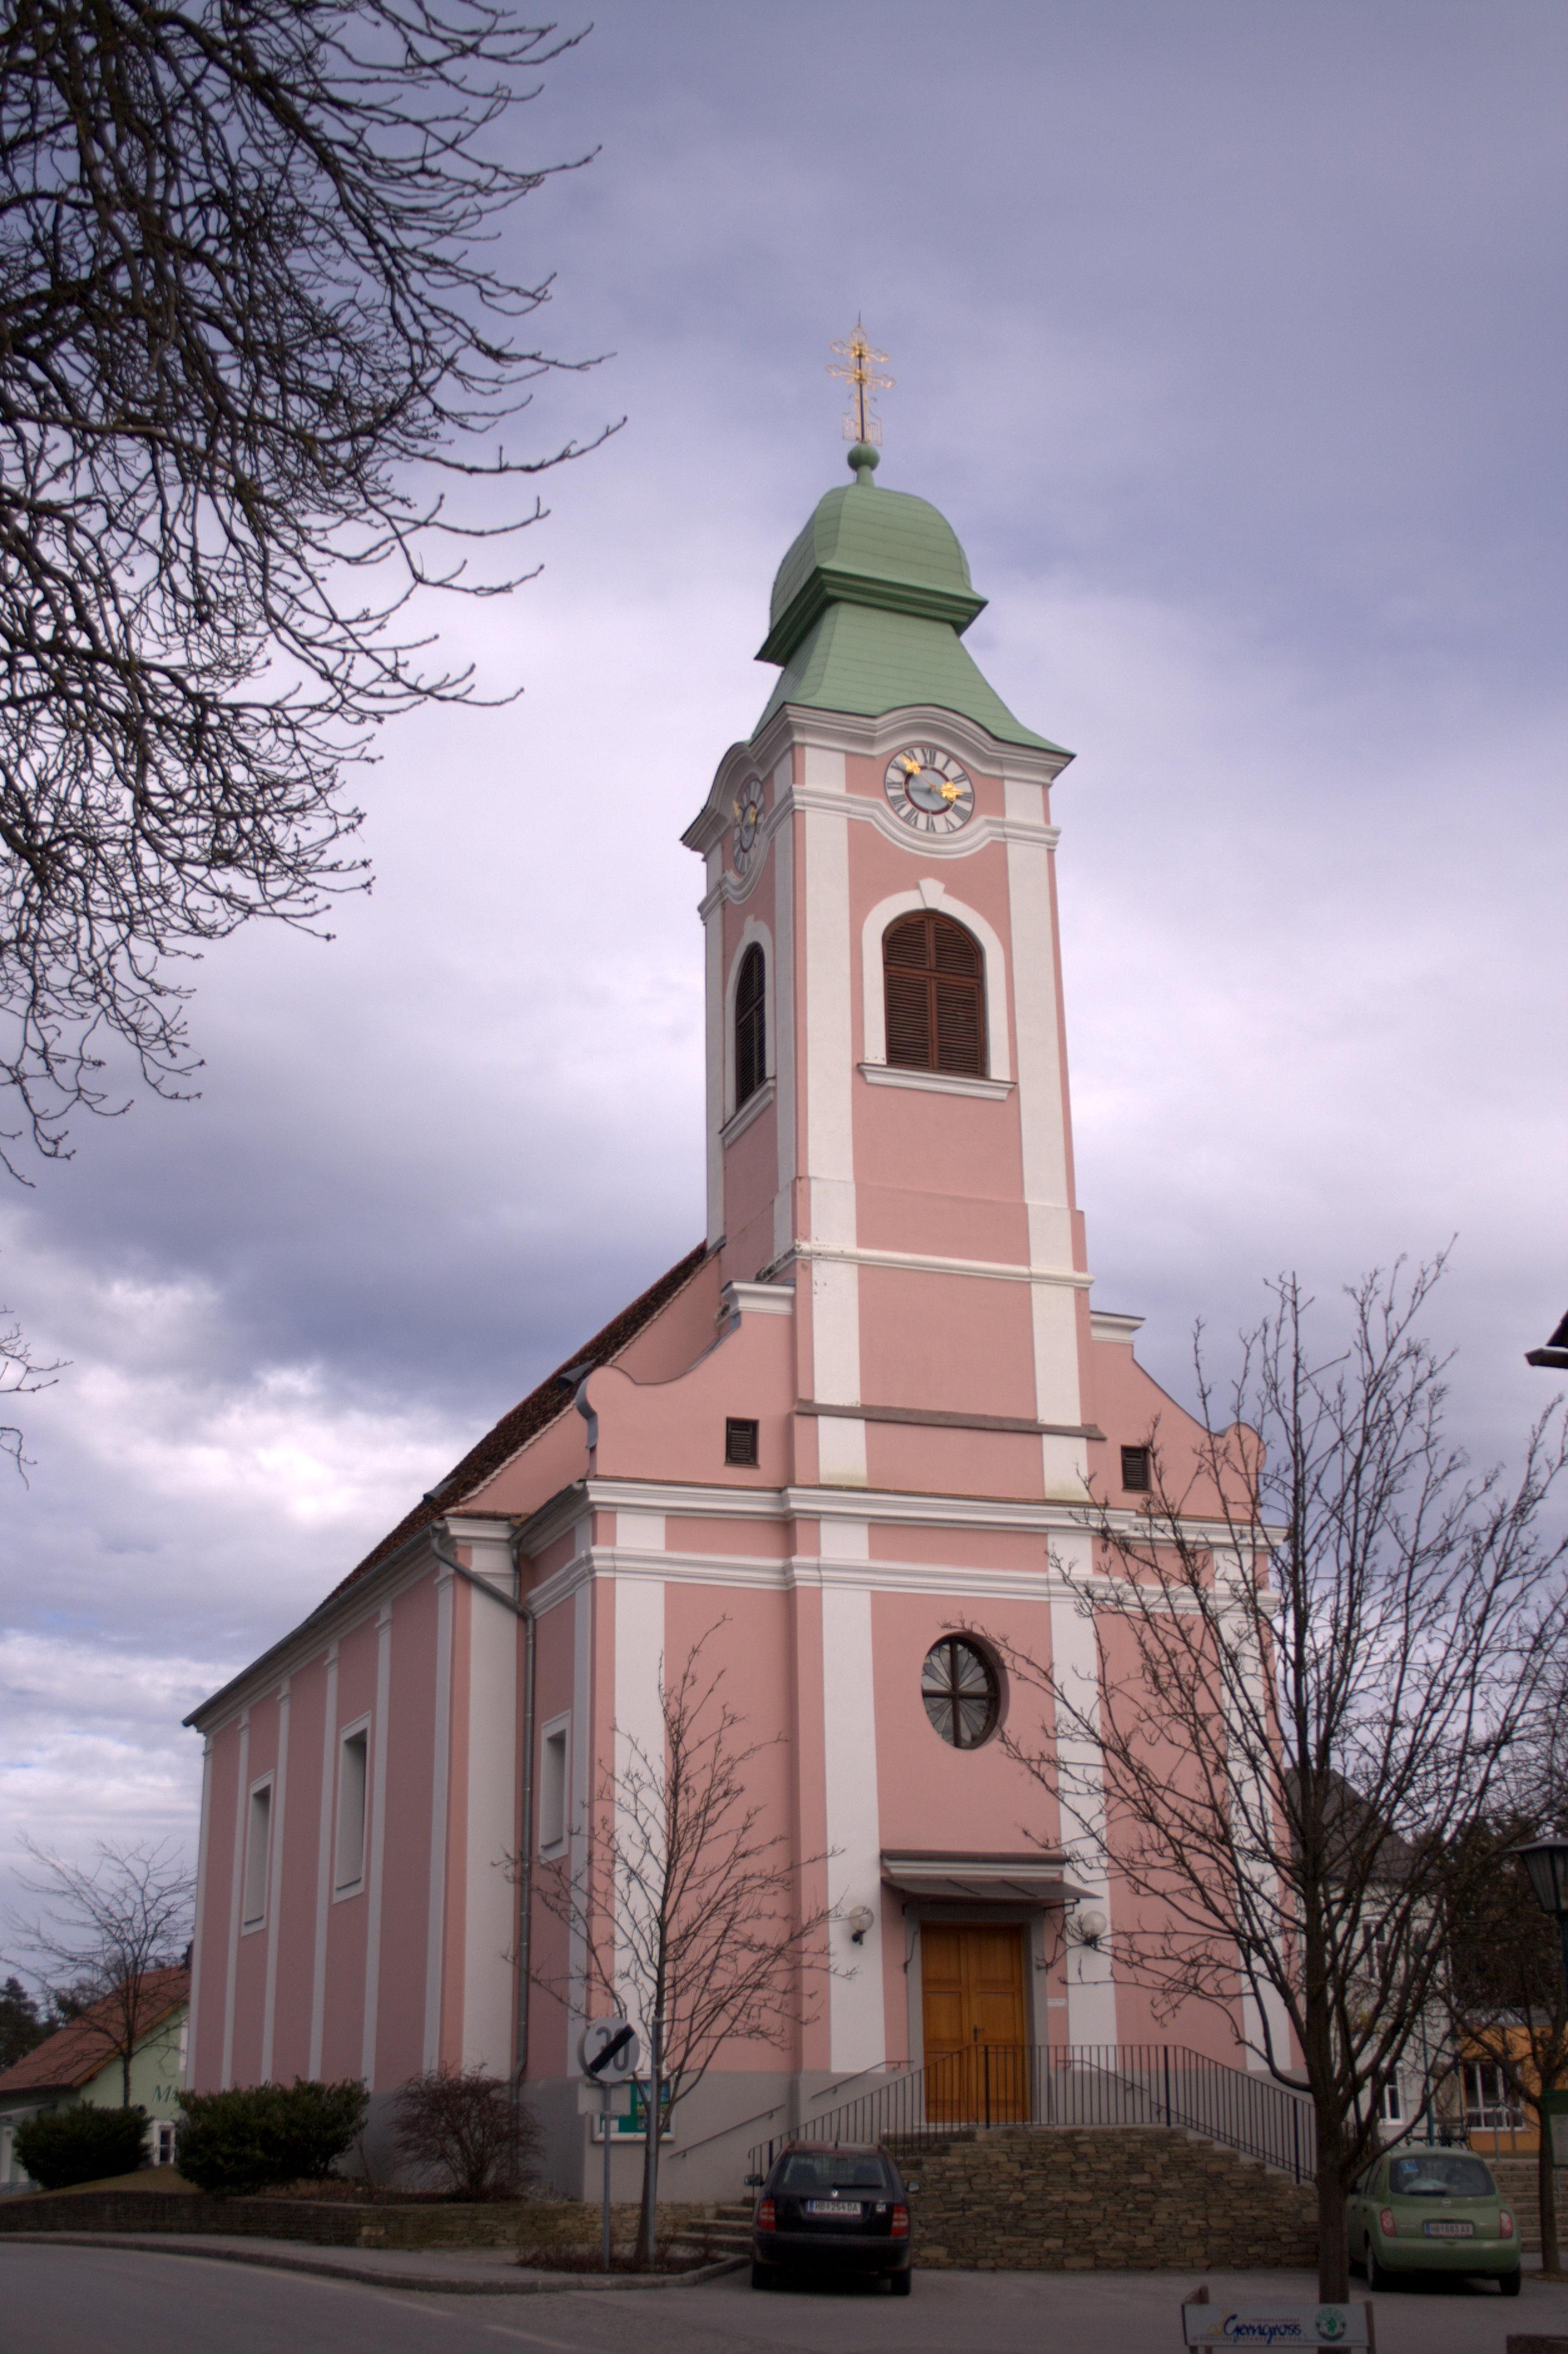 Gemeindeamt der Gemeinde Buch-Sankt Magdalena - Herold